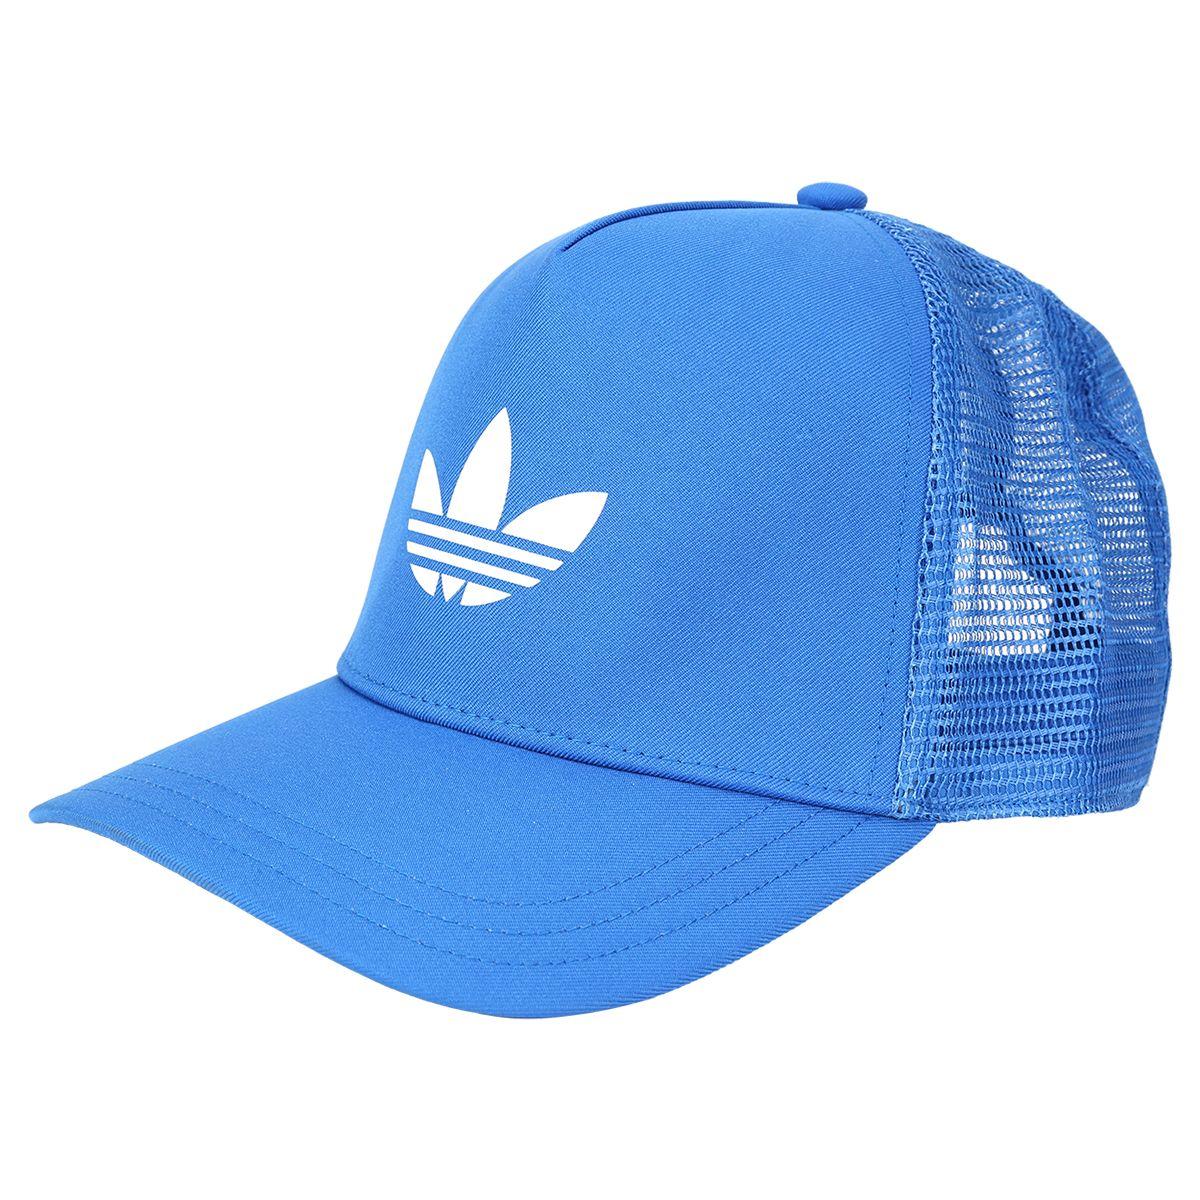 Boné Adidas Trefoil Trucker Azul claro e Branco  0973cf833d7